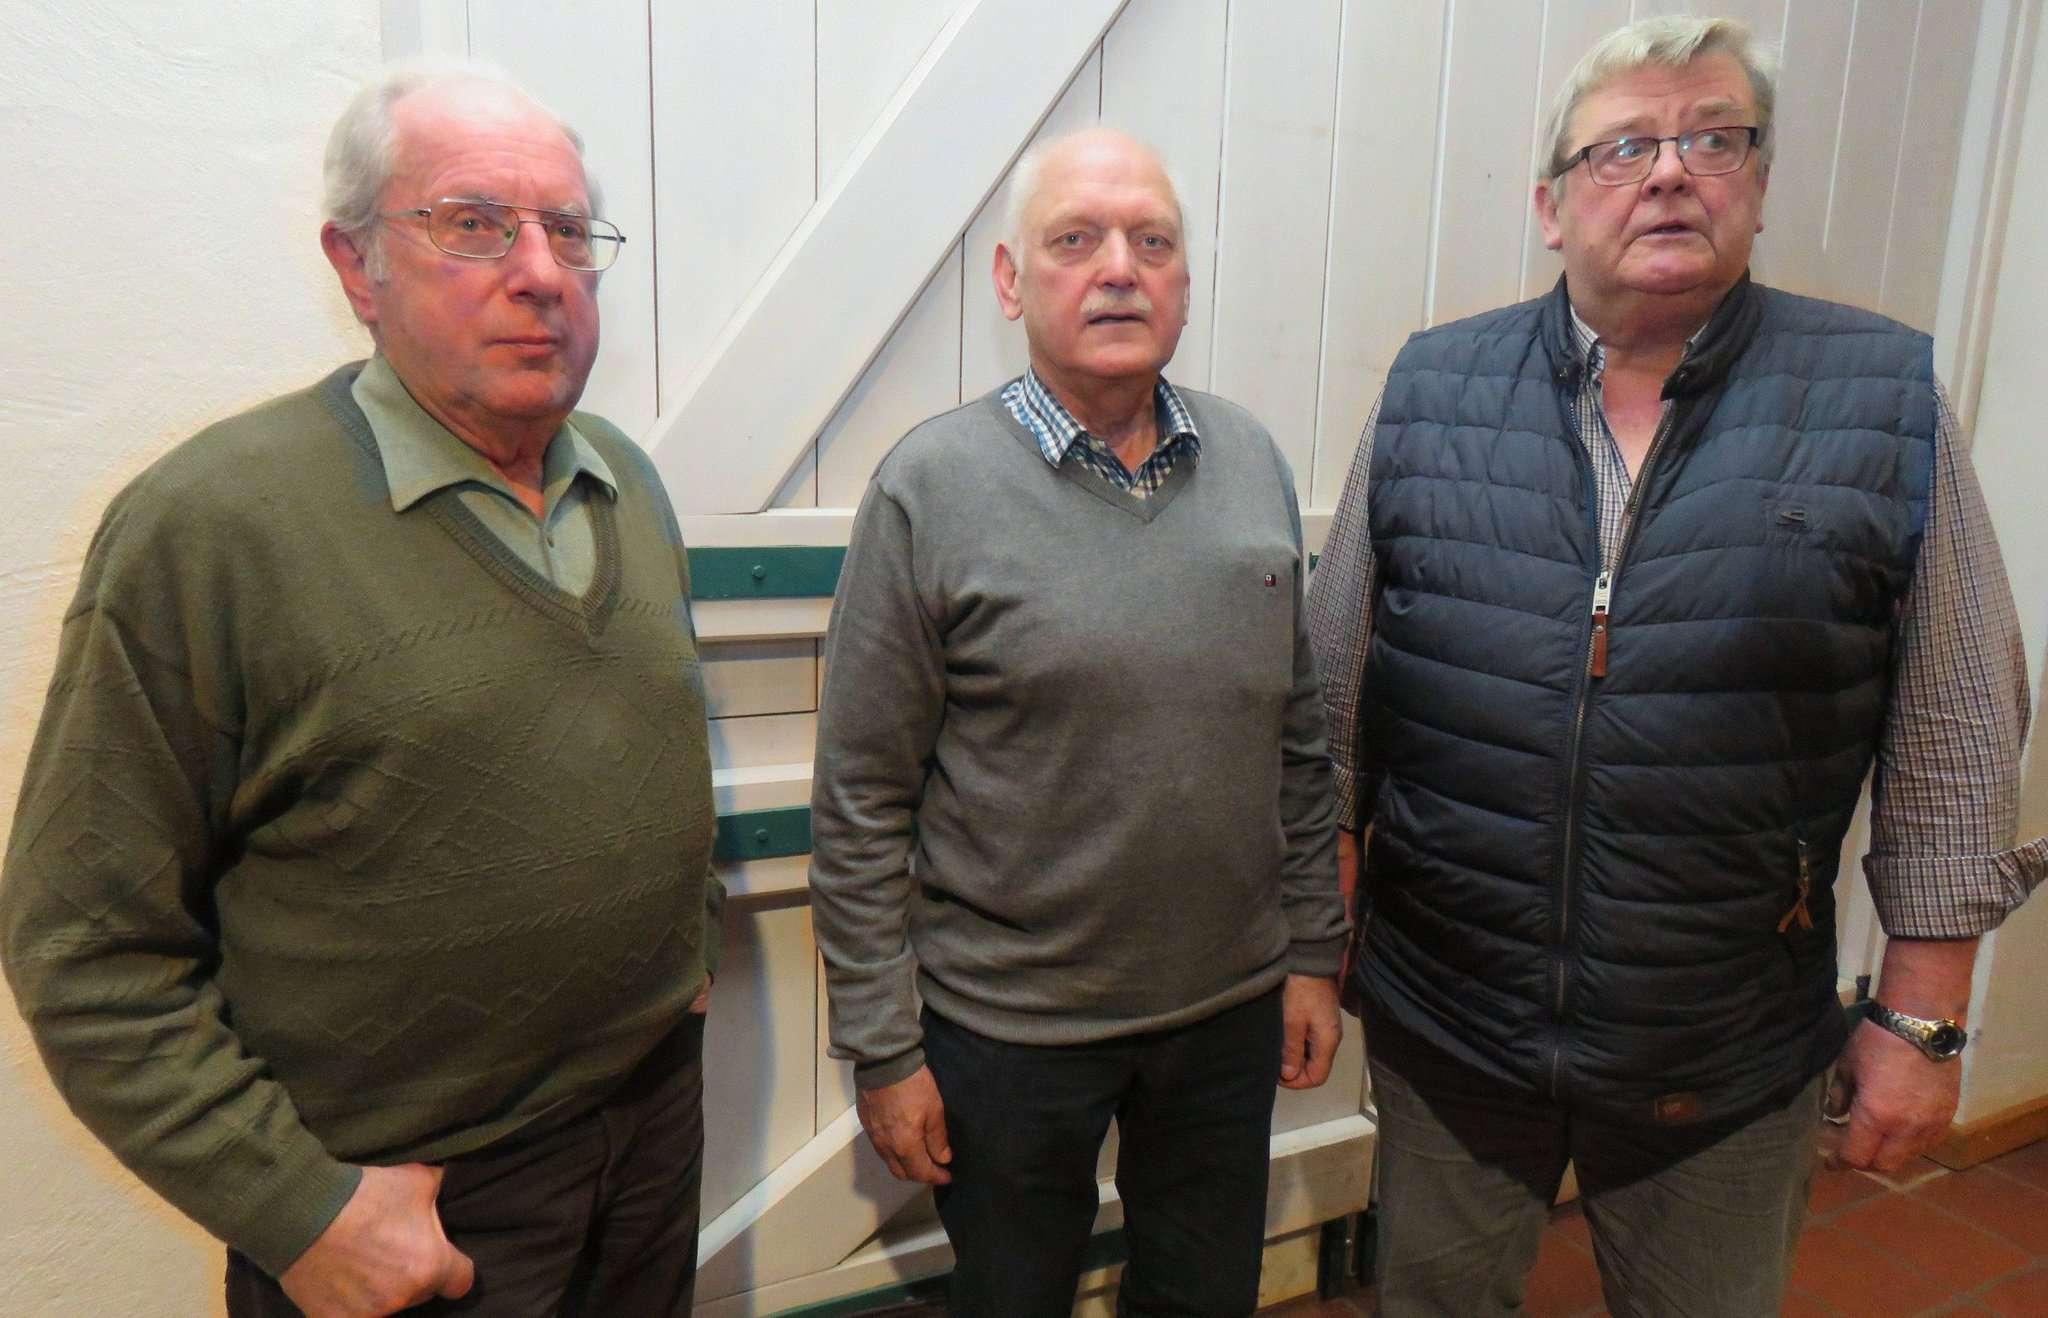 Siegfried Miesner (von links), Hans Blanken und Gerd Böhling hatten sowohl Wissenswertes als auch Heiteres über die Pooljagd zu berichten. Foto: Elke Keppler-Rosenau